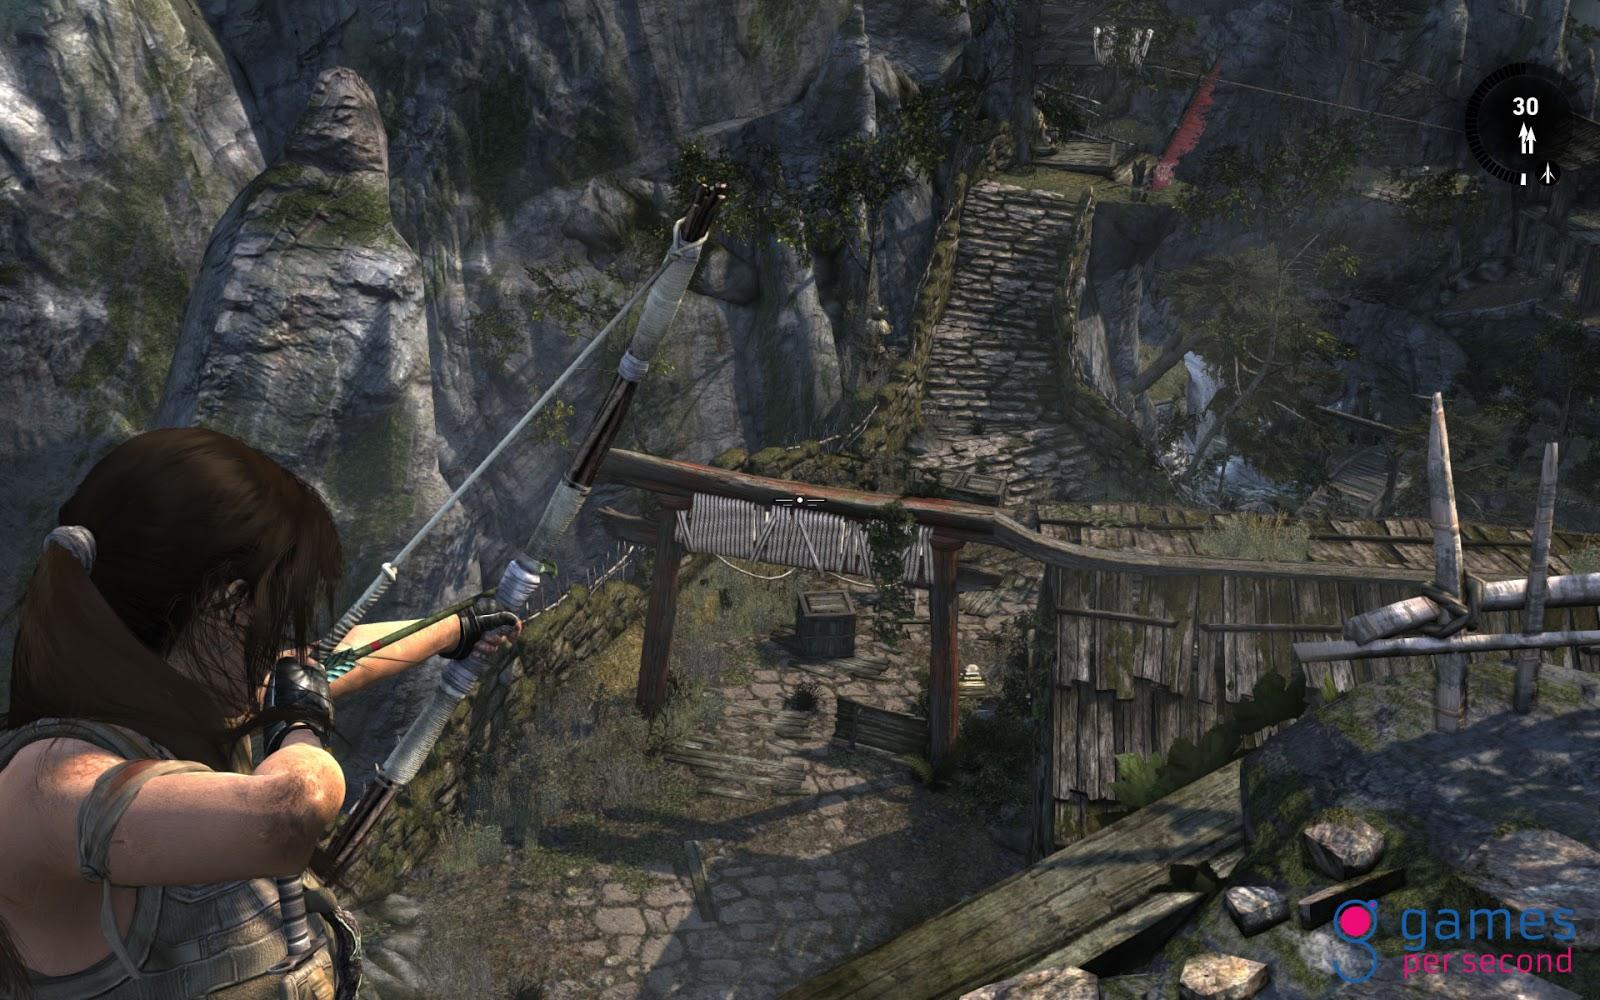 تحميل لعبة tomb raider 2013 مضغوطة